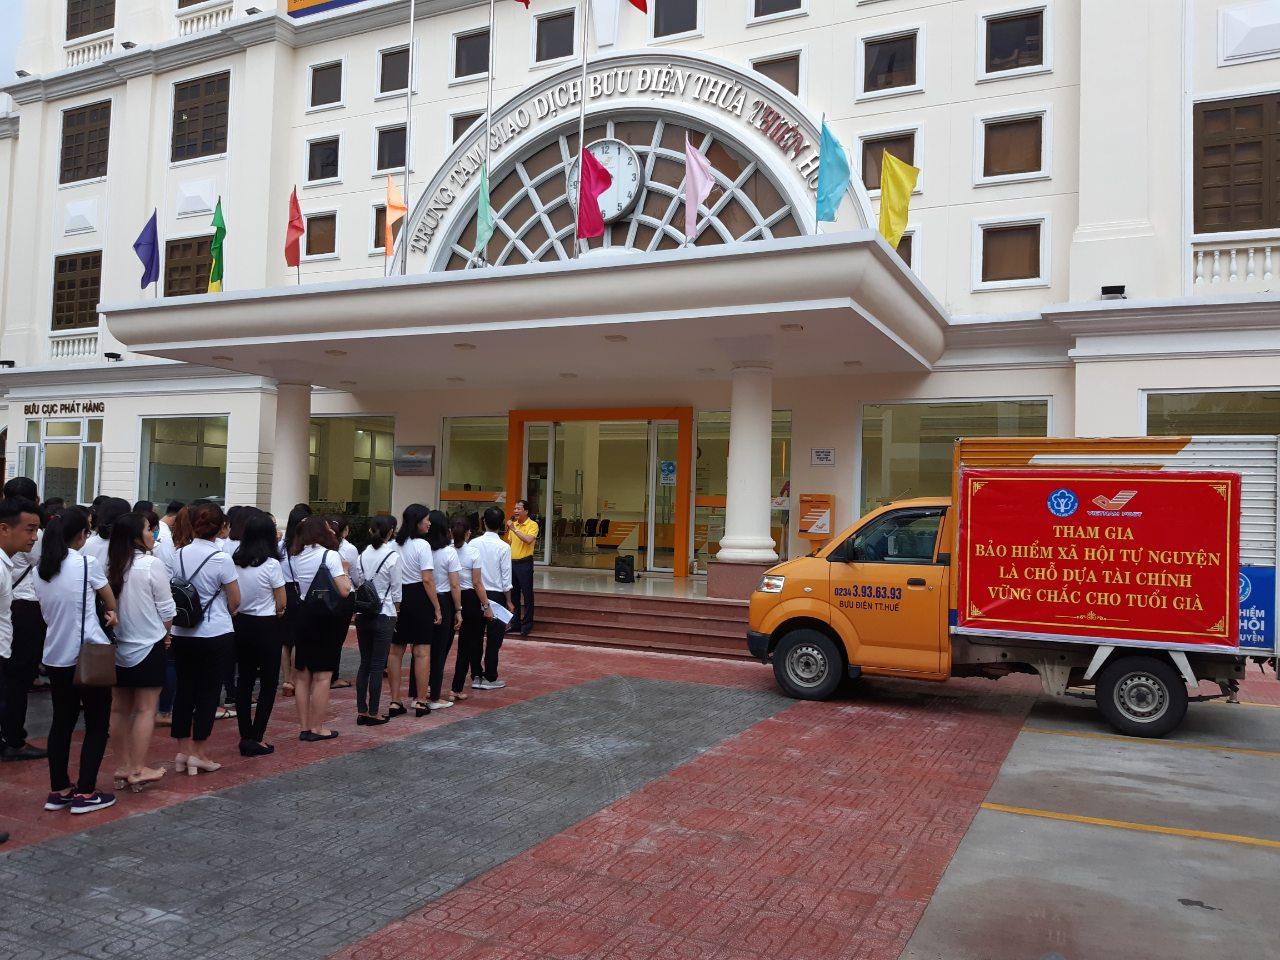 Bưu điện thành phố Huế ra quân tuyên truyền và phát triển người tham gia Bảo hiểm xã hội tự nguyện